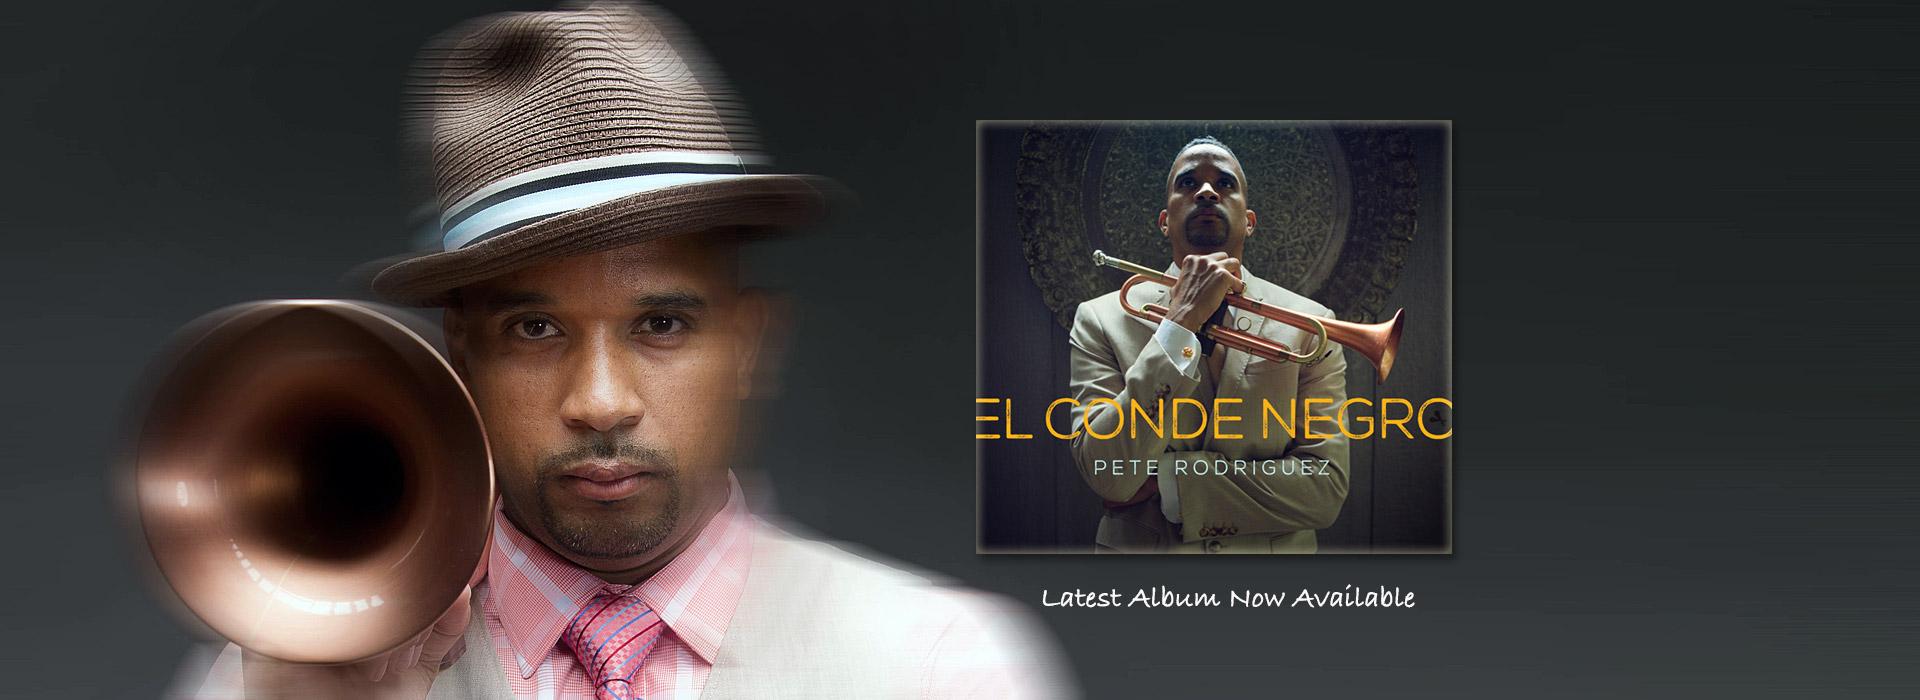 Pete-Rodriguez-Conde-El-Negro-Album